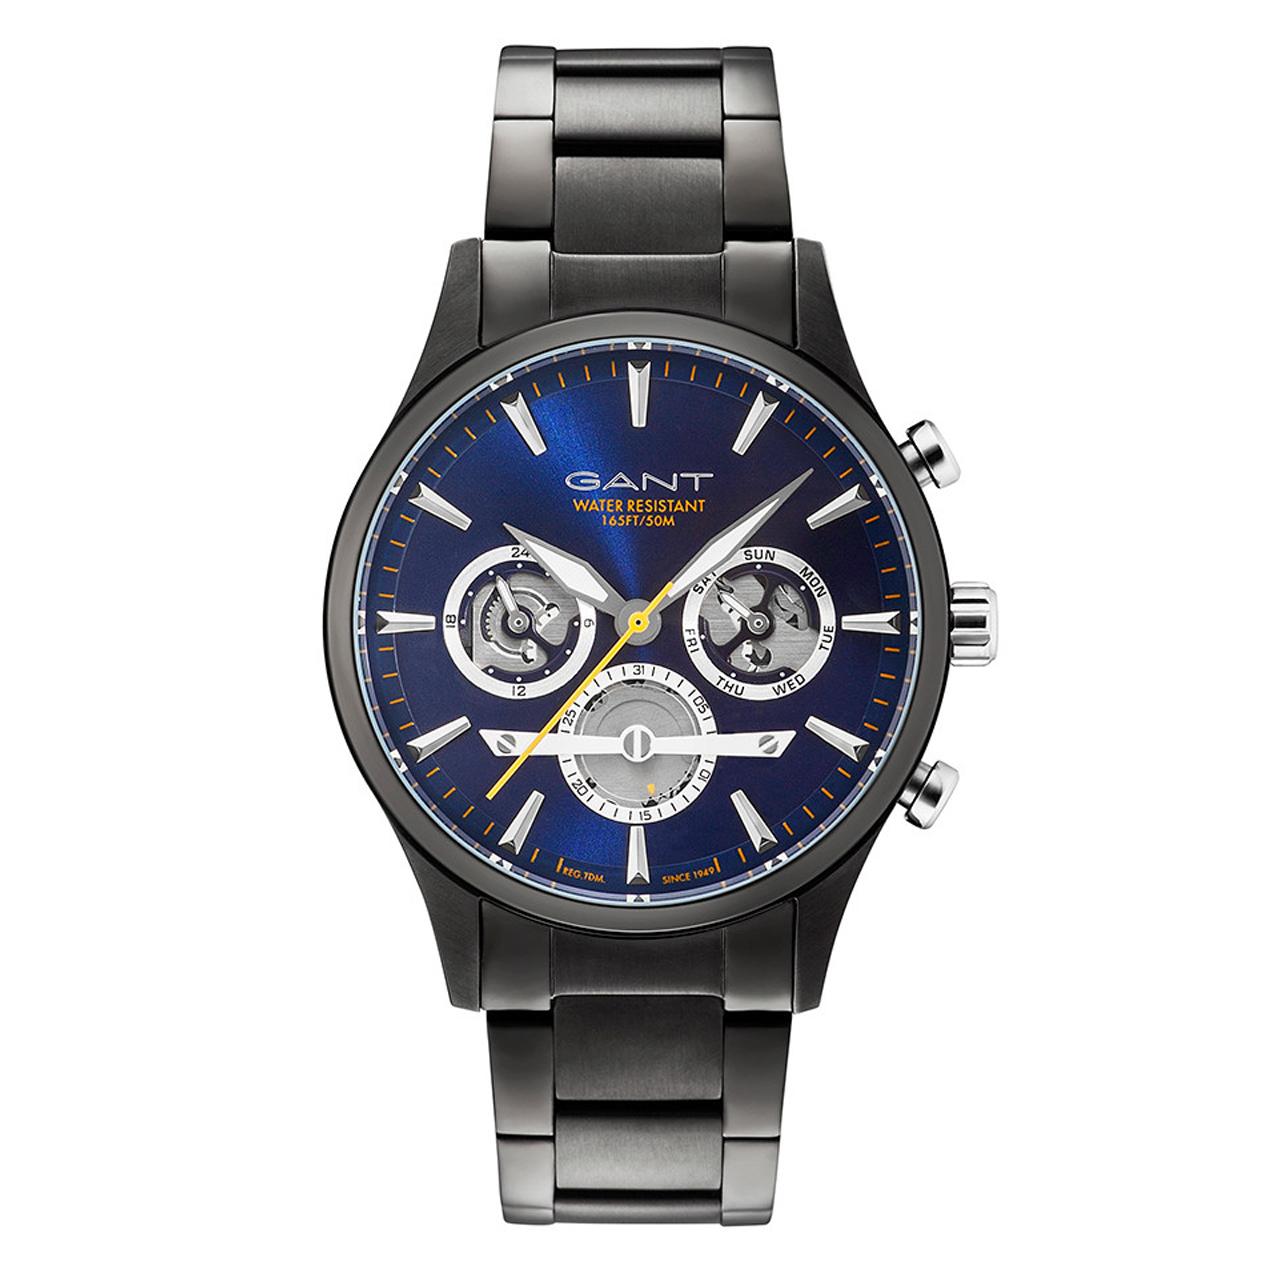 ساعت مچی عقربه ای مردانه گنت مدل GW005018